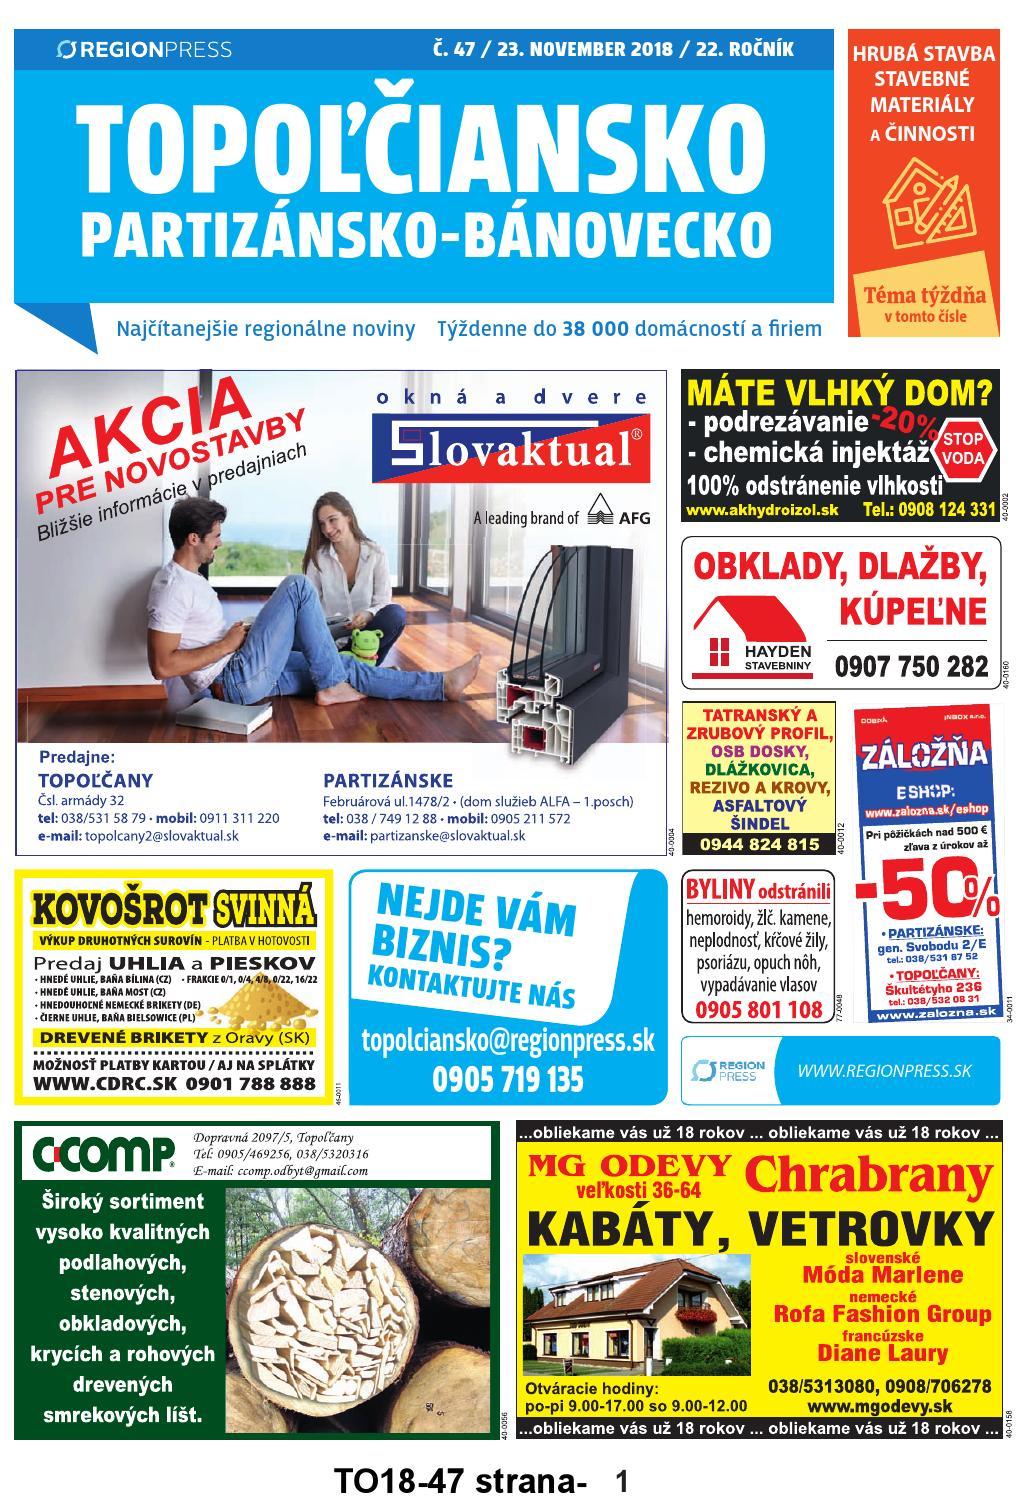 Lokalita Xiha Zoznamka